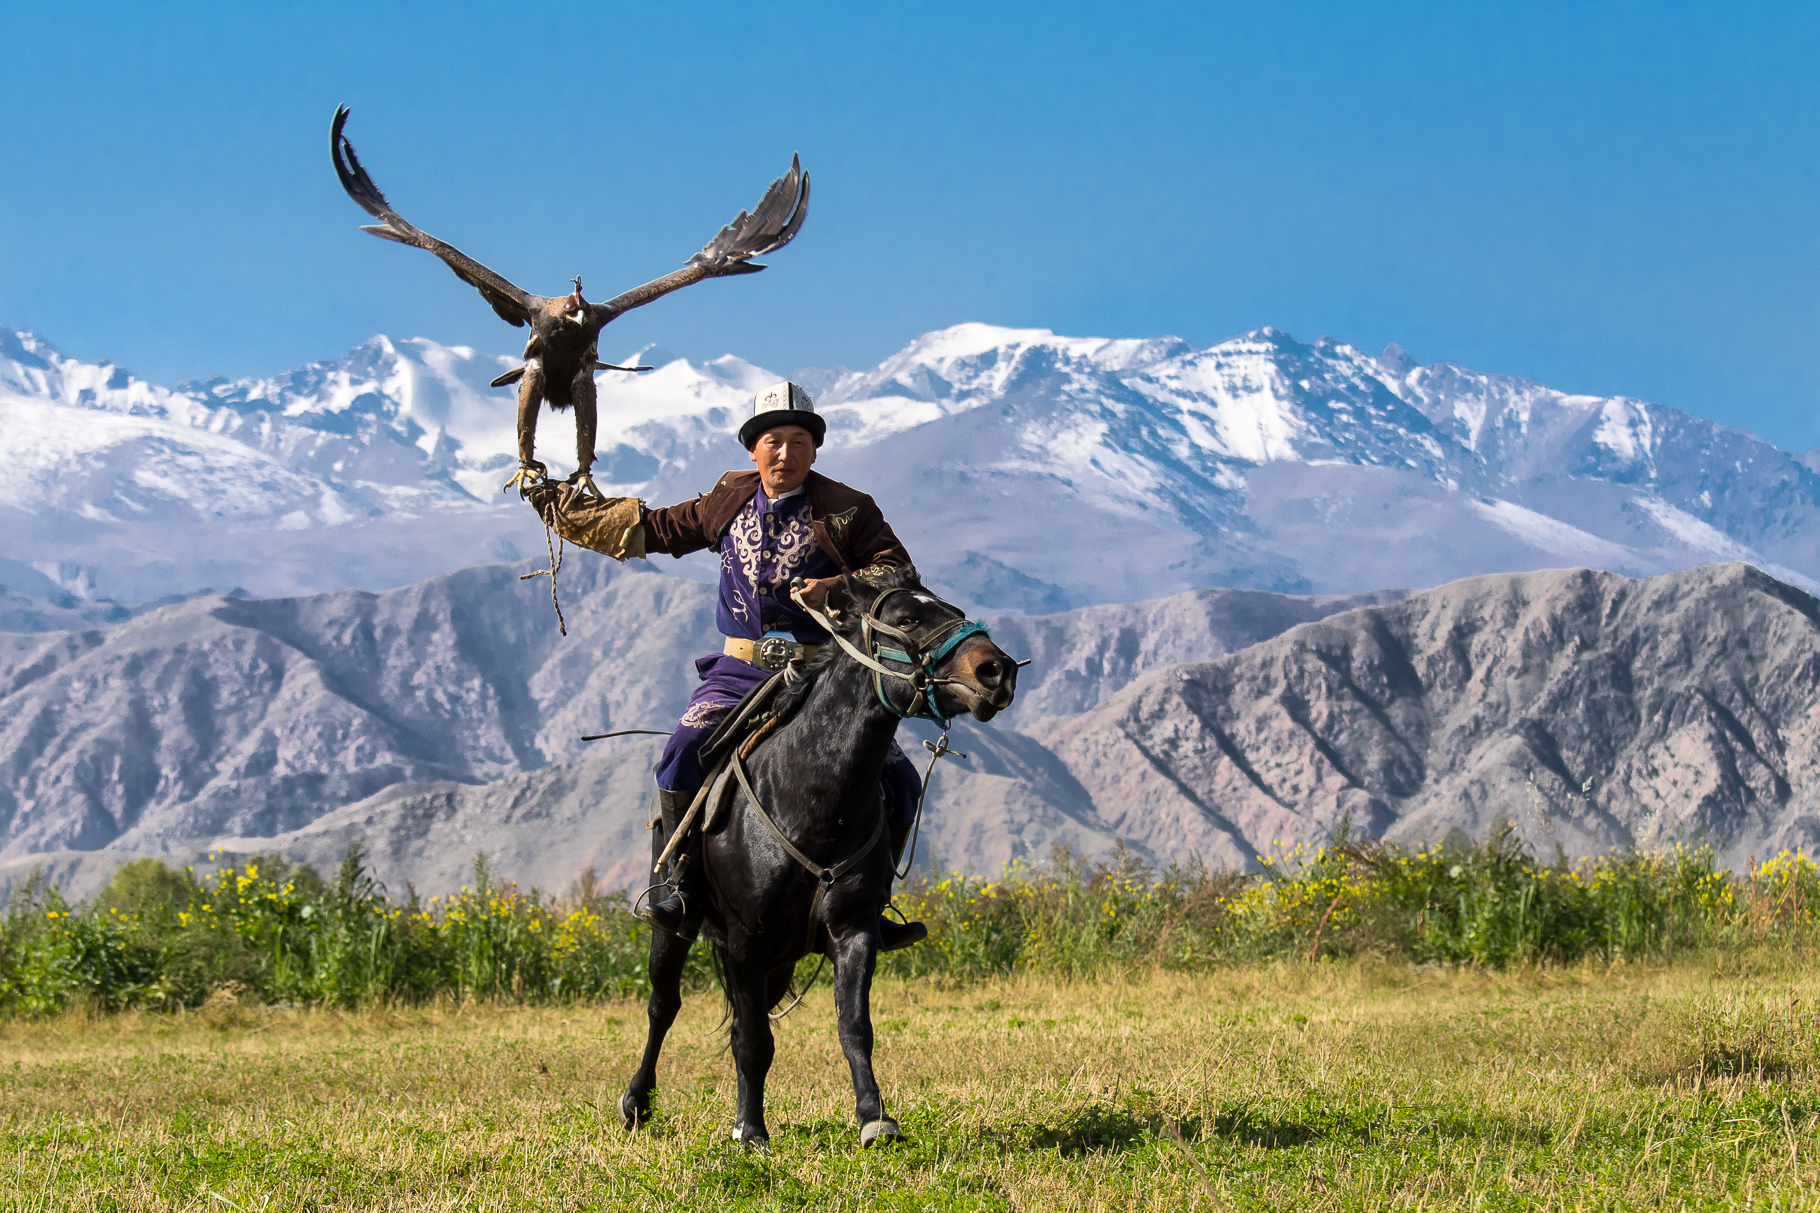 Bokonbaevo in Kyrgyzstan - When dreams come true